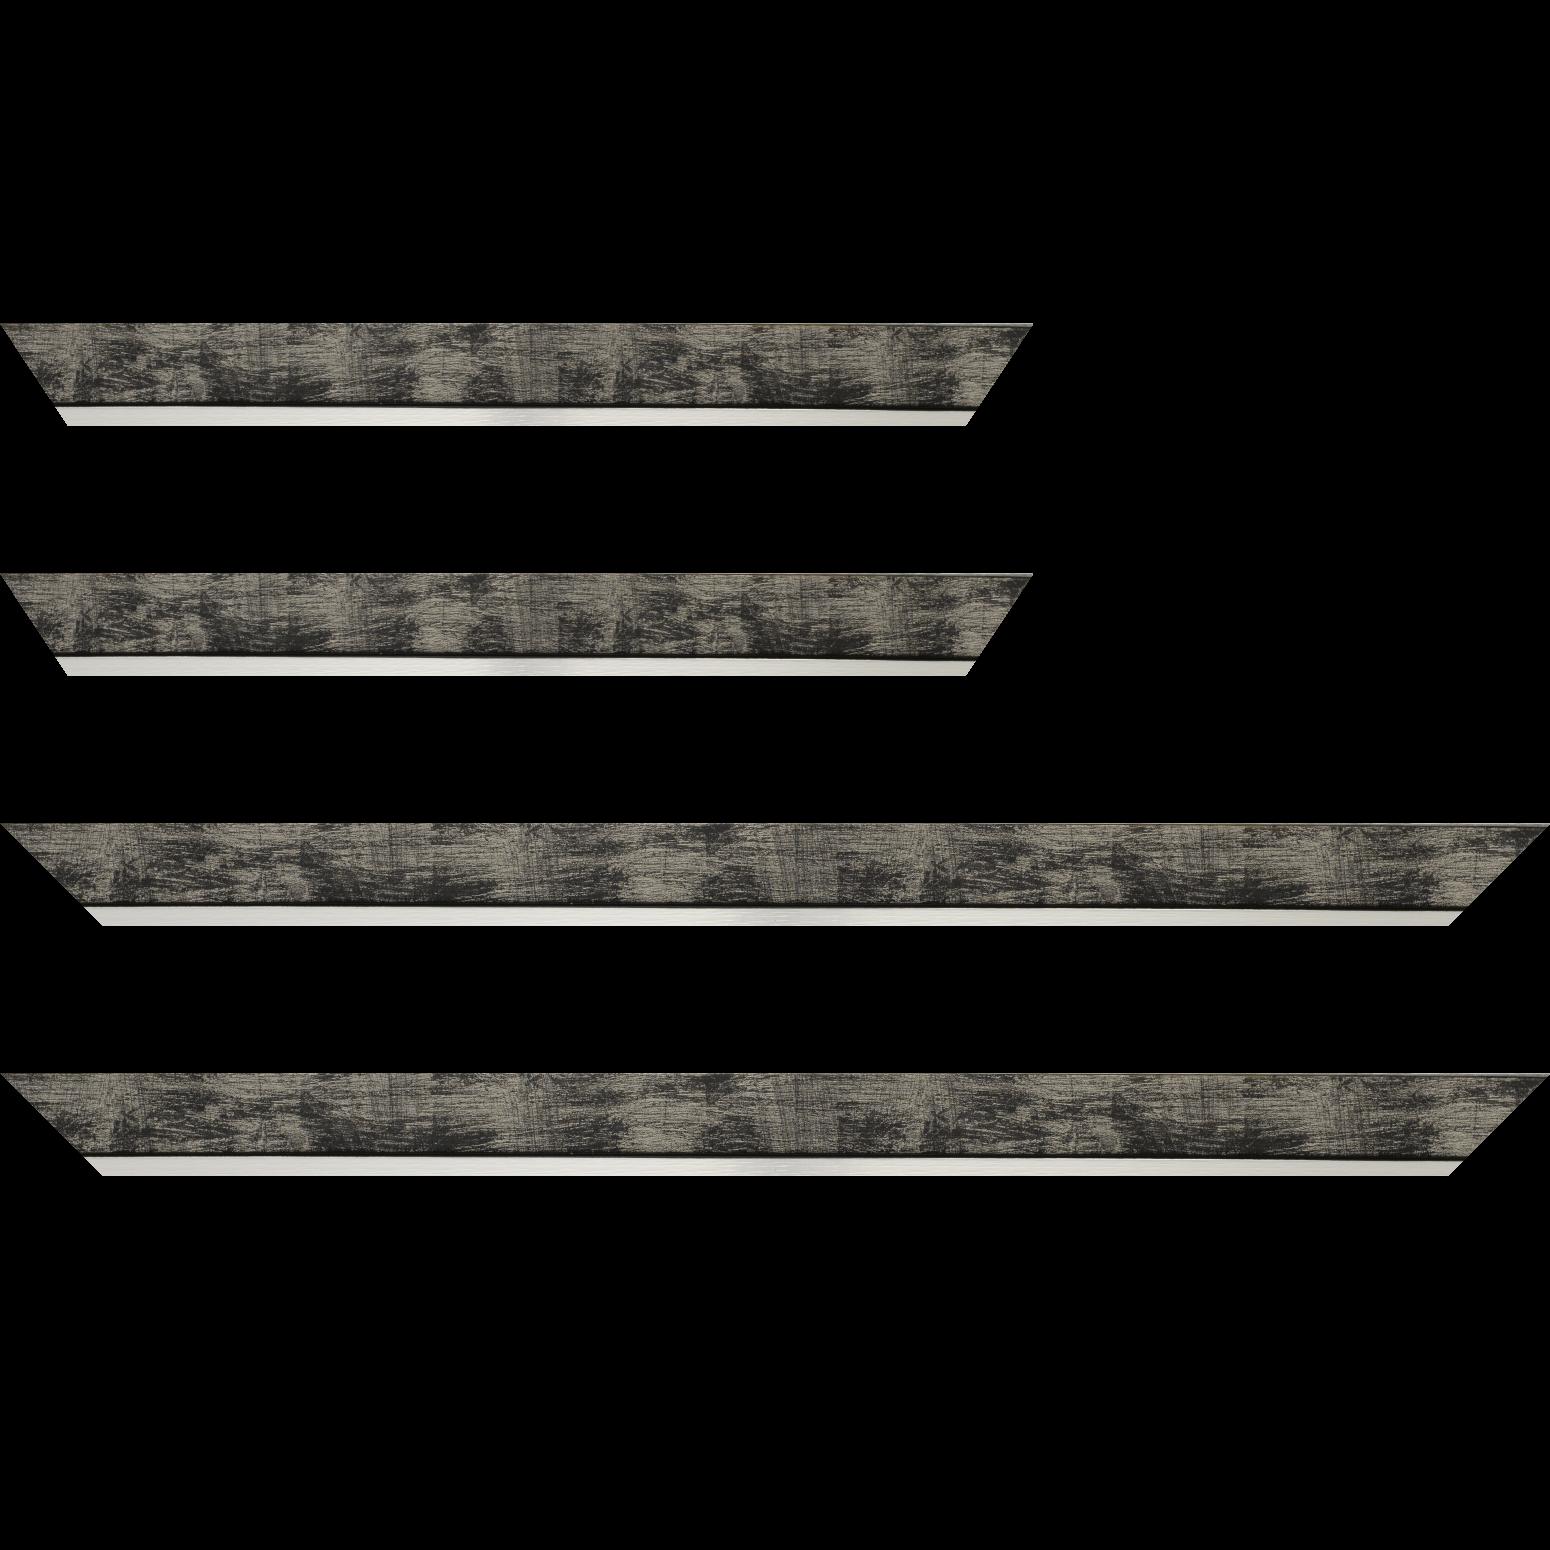 Baguette service précoupé Bois profil plat largeur 3.3cm couleur noir fond argent filet argent